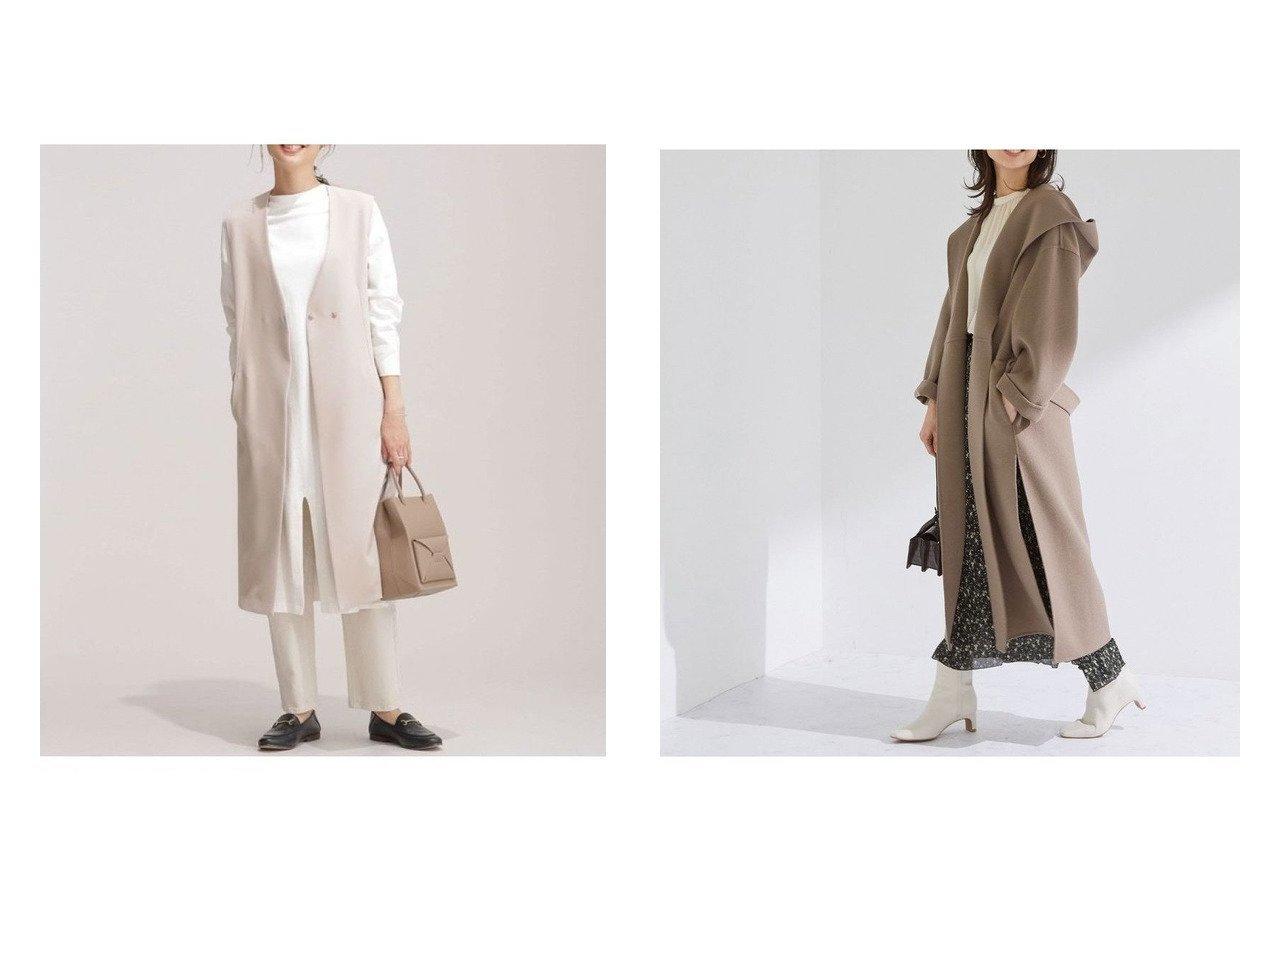 【ROPE/ロペ】のスリットリバーフードコート&【nano universe/ナノ ユニバース】のカセット6ファンクション ロングジレ (セットアップ可) アウターのおすすめ!人気、トレンド・レディースファッションの通販  おすすめで人気の流行・トレンド、ファッションの通販商品 メンズファッション・キッズファッション・インテリア・家具・レディースファッション・服の通販 founy(ファニー) https://founy.com/ ファッション Fashion レディースファッション WOMEN アウター Coat Outerwear トップス Tops Tshirt キャミソール / ノースリーブ No Sleeves ベスト/ジレ Gilets Vests カットソー Cut and Sewn コート Coats ジャケット Jackets オケージョン カットソー シンプル ジャケット ストレッチ スリット セットアップ 再入荷 Restock/Back in Stock/Re Arrival NEW・新作・新着・新入荷 New Arrivals |ID:crp329100000009968